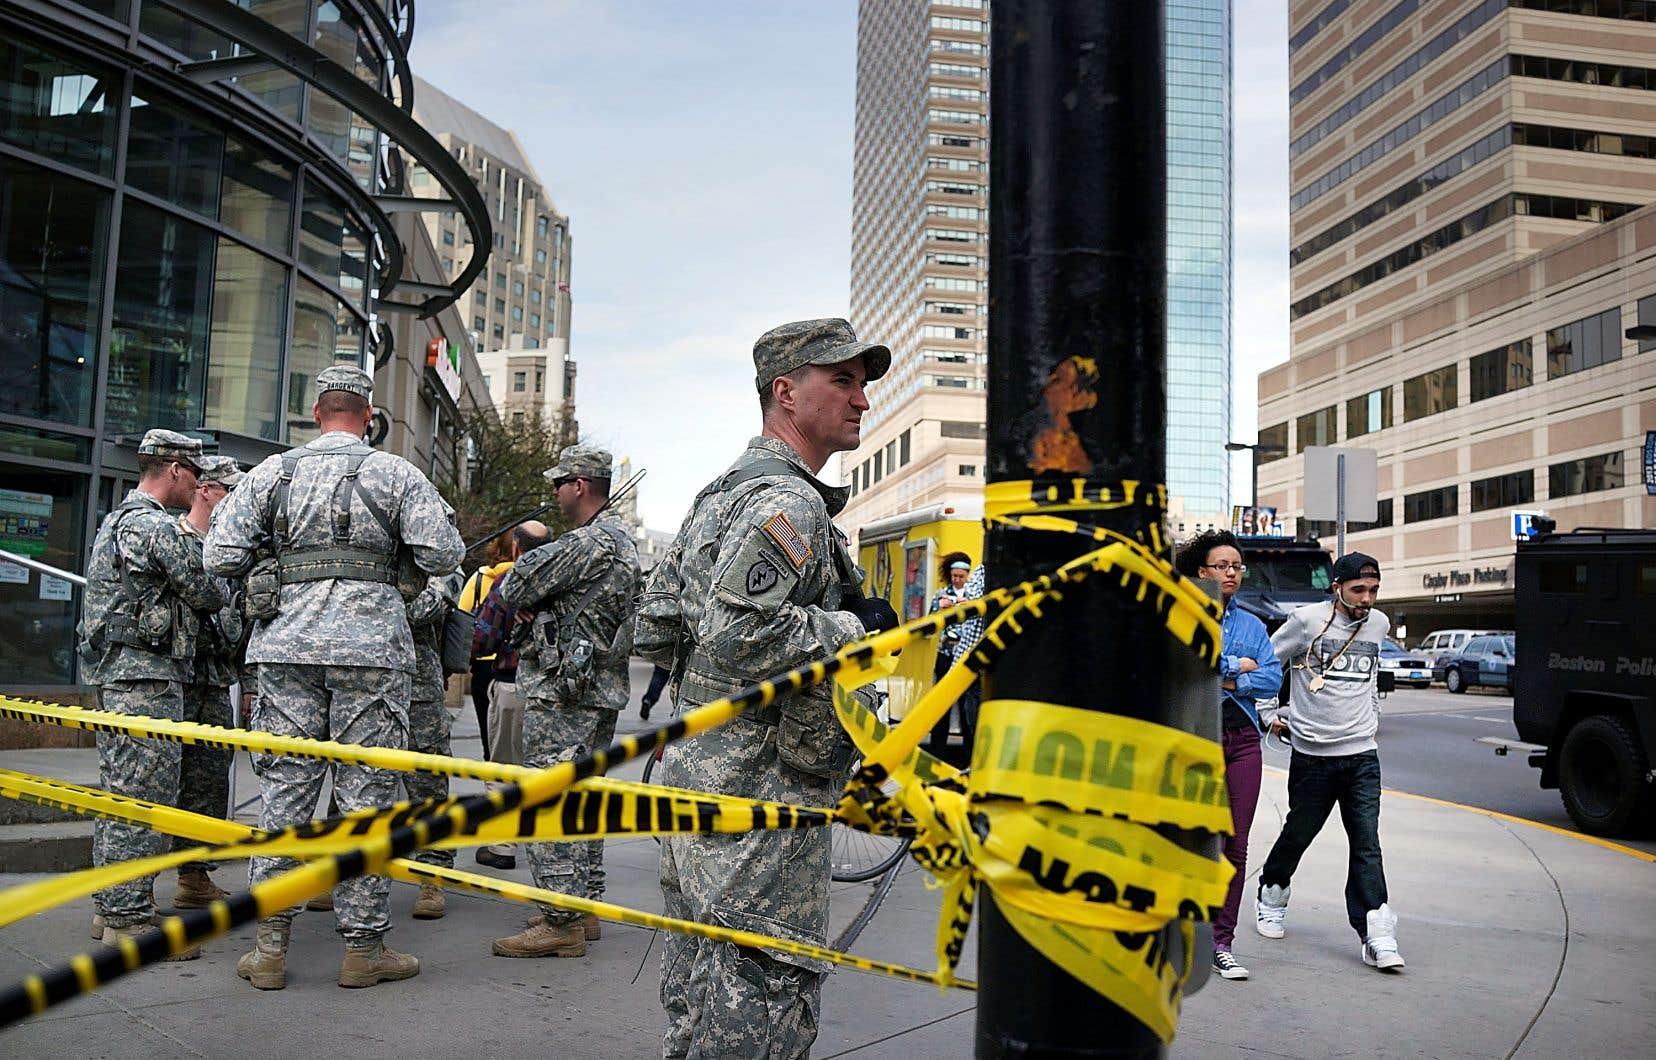 À Boston en 2013, des soldats américains montent la garde le long d'une rue après une attaque à la bombe survenue en plein marathon.